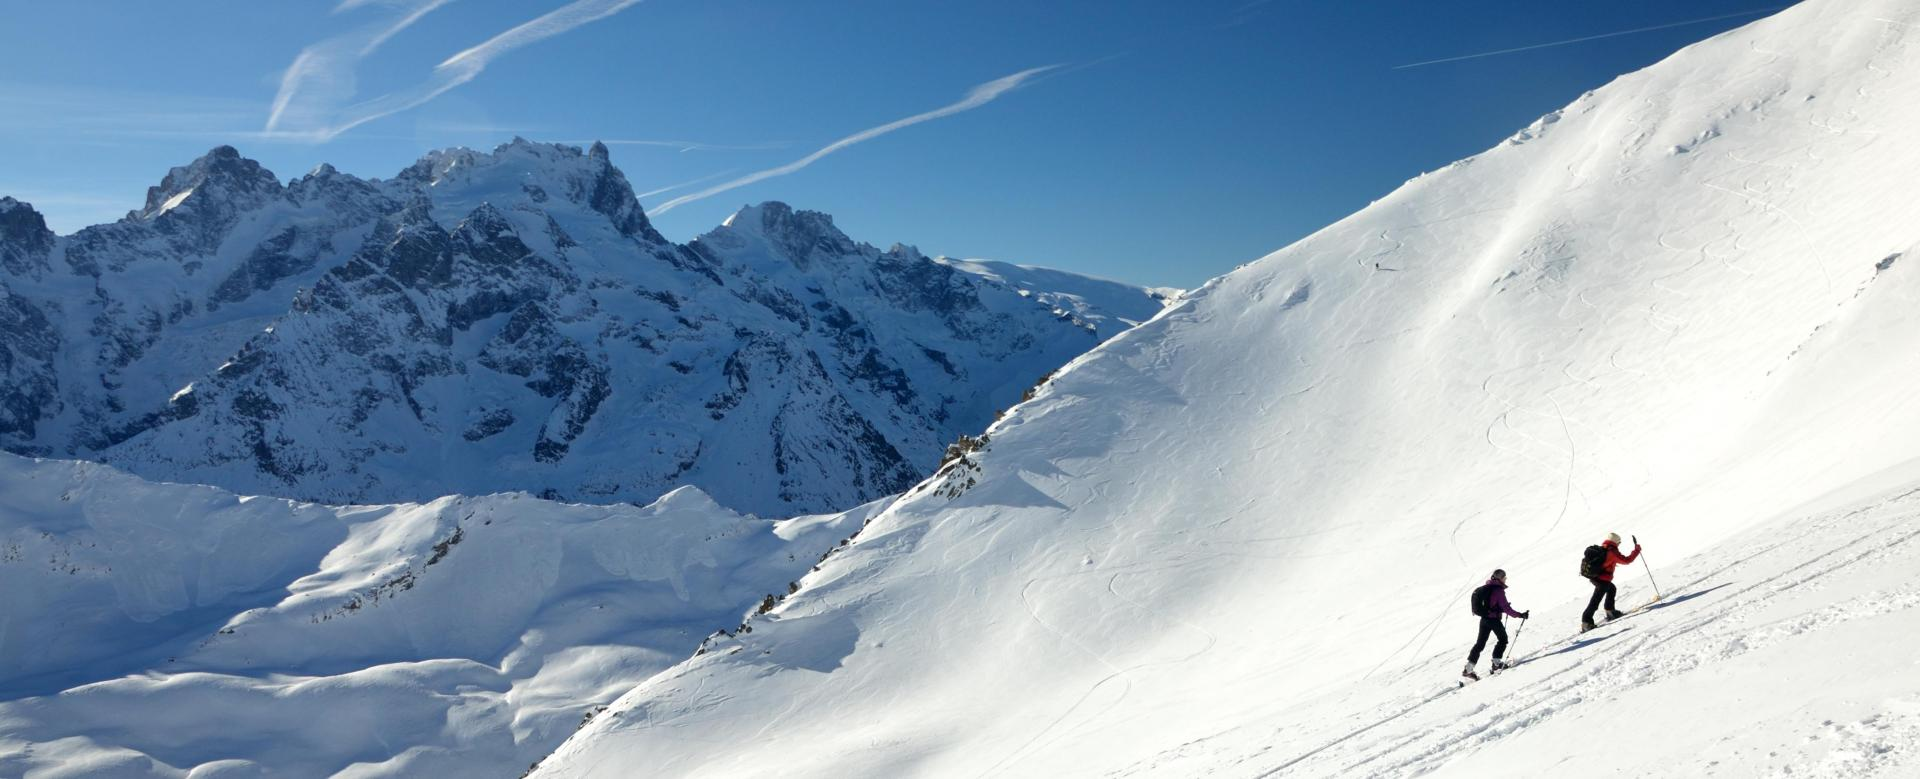 Voyage à la neige : Alpes du Nord : Les plus belles descentes à ski des ecrins